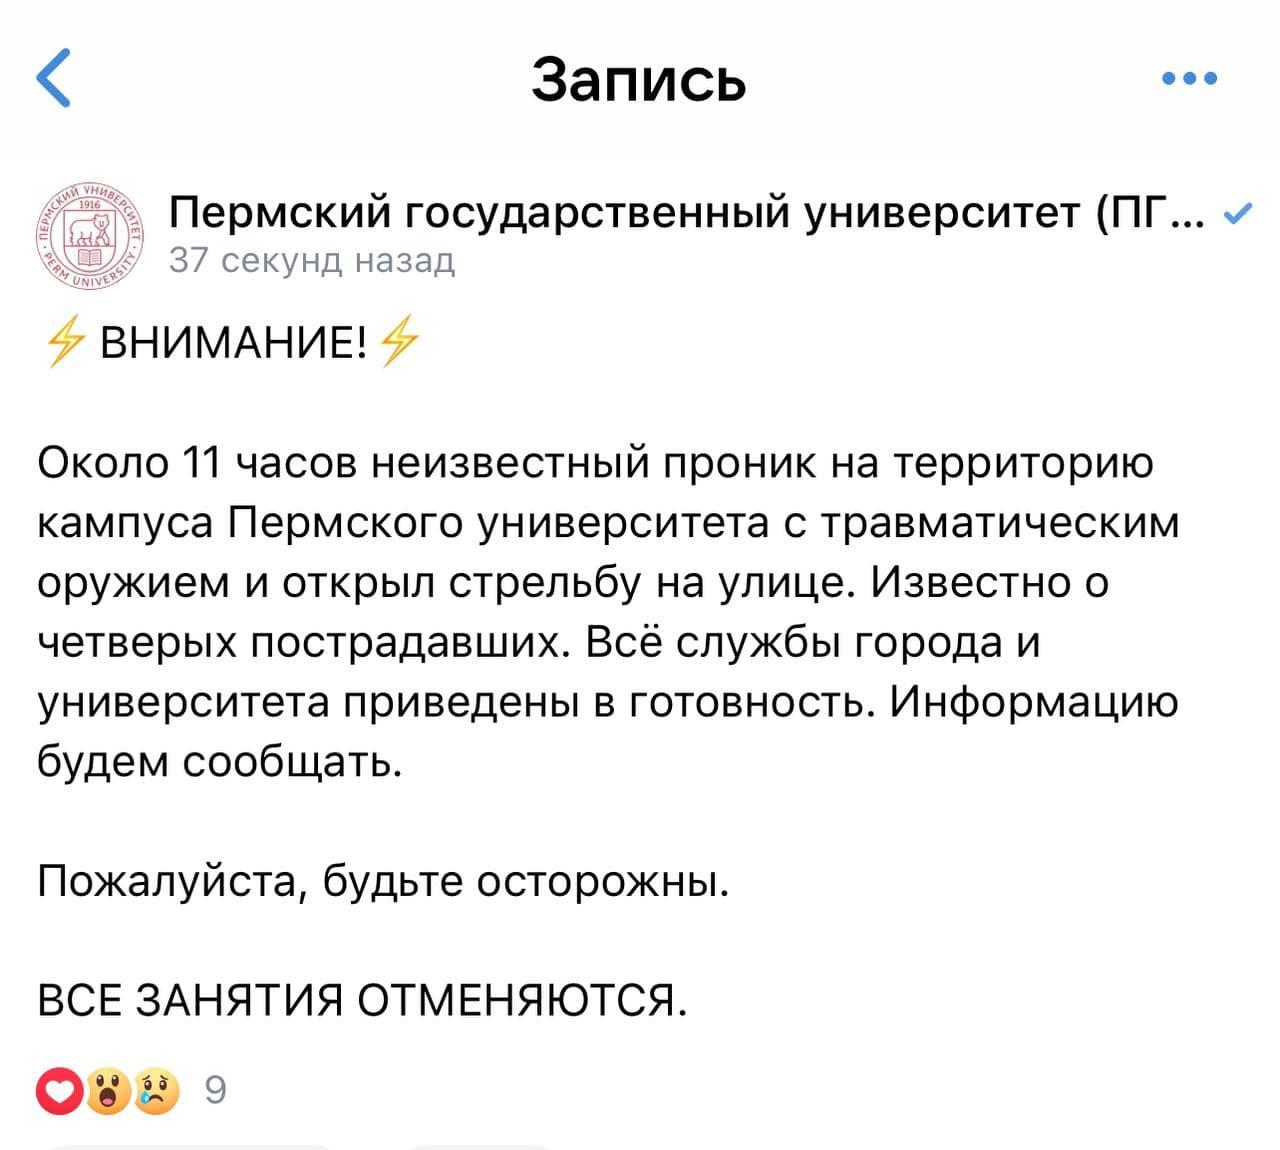 В Пермском университете стрелок открыл огонь - есть пострадавшие (6 фото + 6 видео)